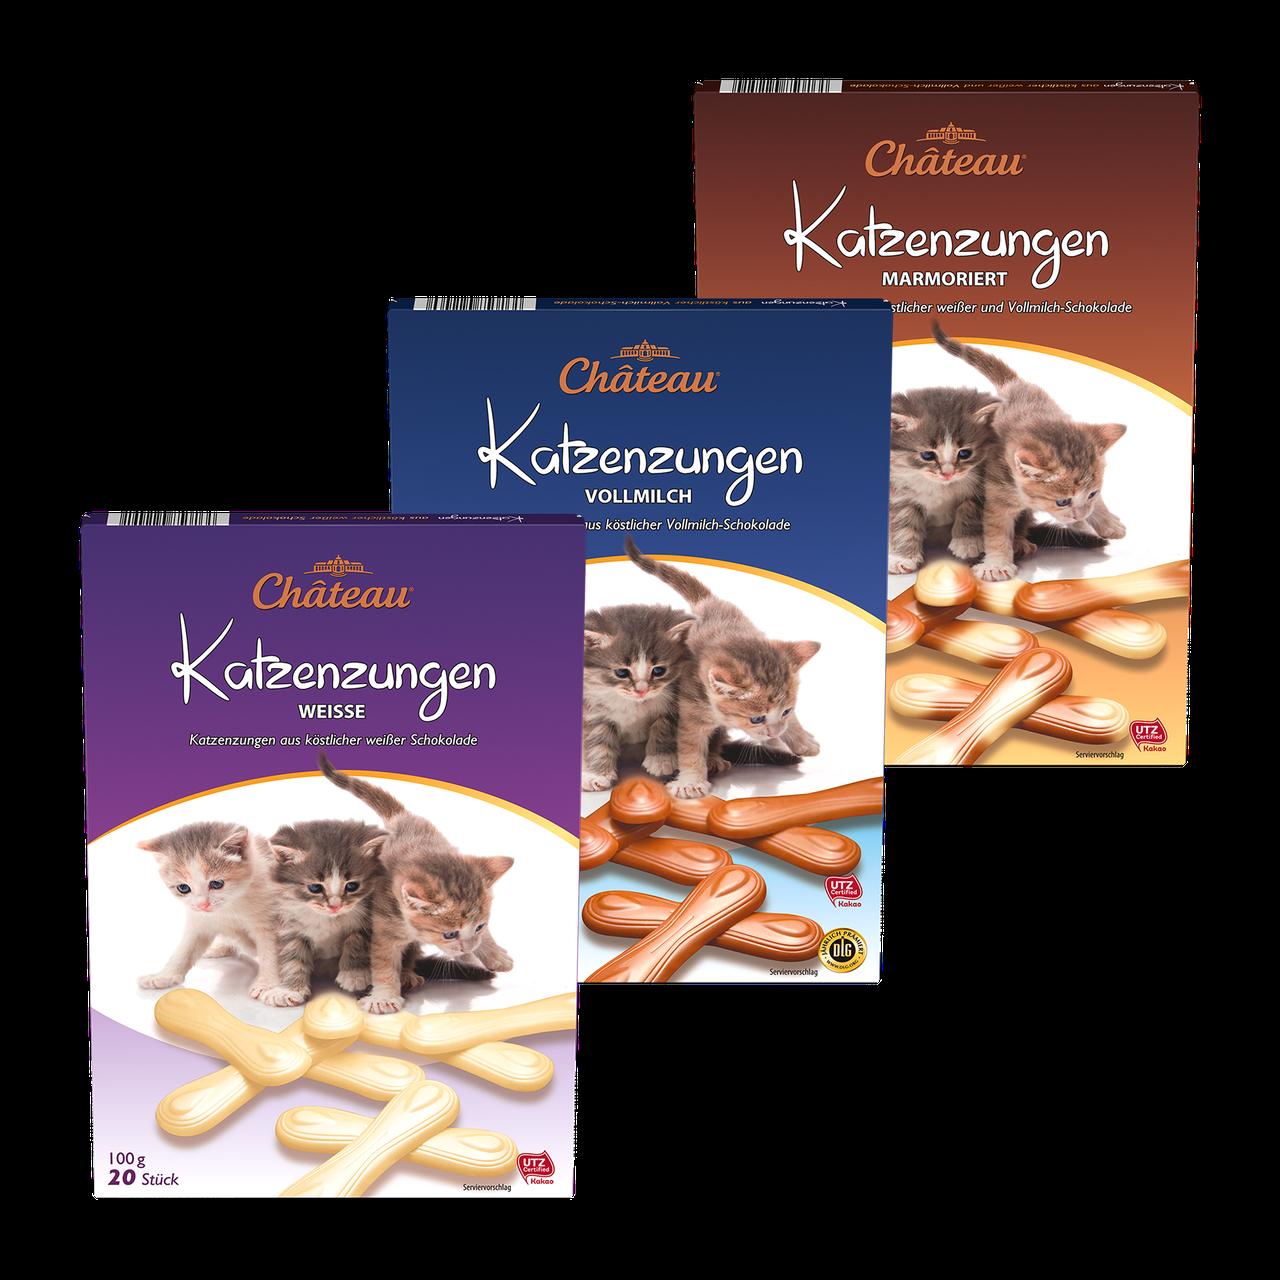 Молочный шоколад katzenzungen 100g